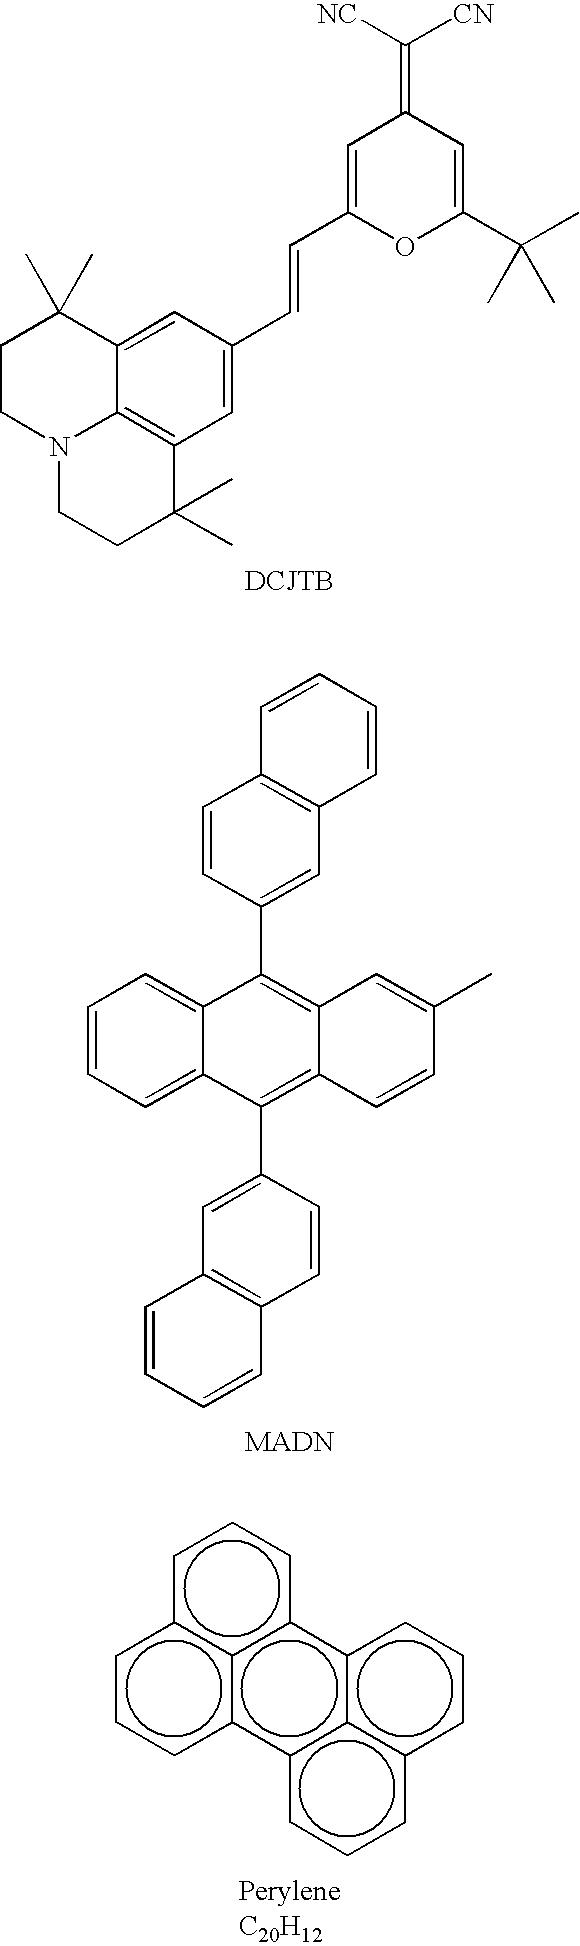 Figure US20060267001A1-20061130-C00001